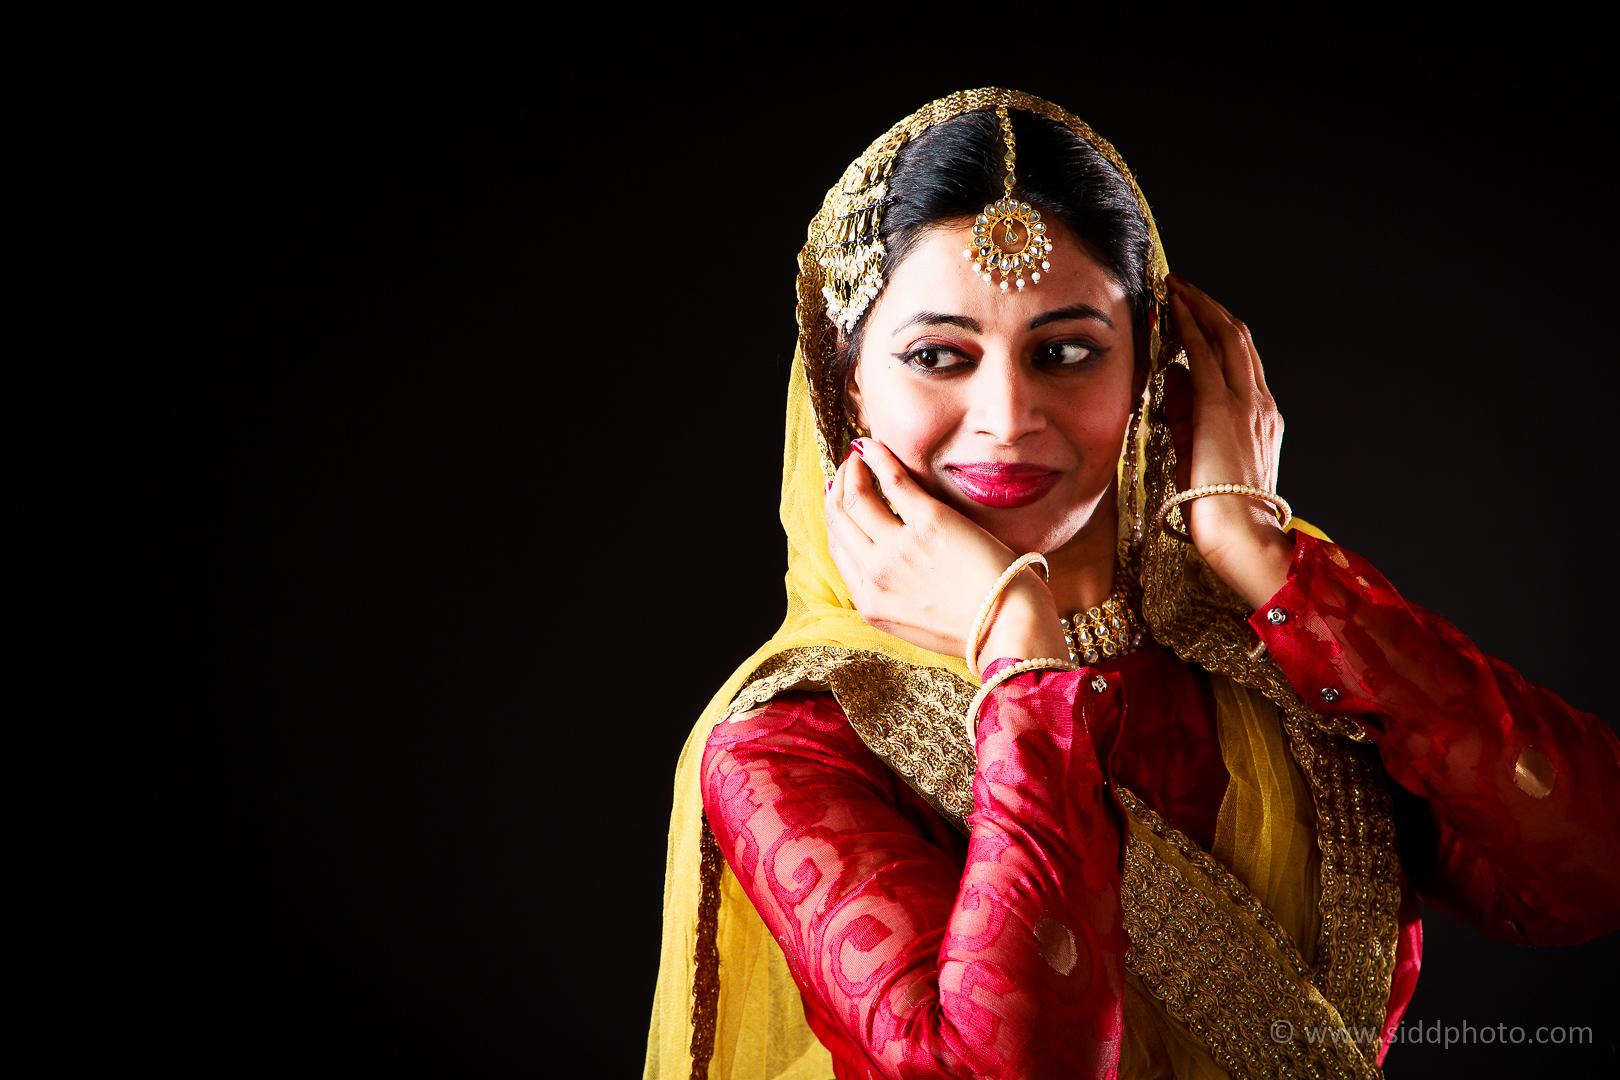 2012-04-21 - Antara Dutta Katthak Photoshoot - EO5C0046-10